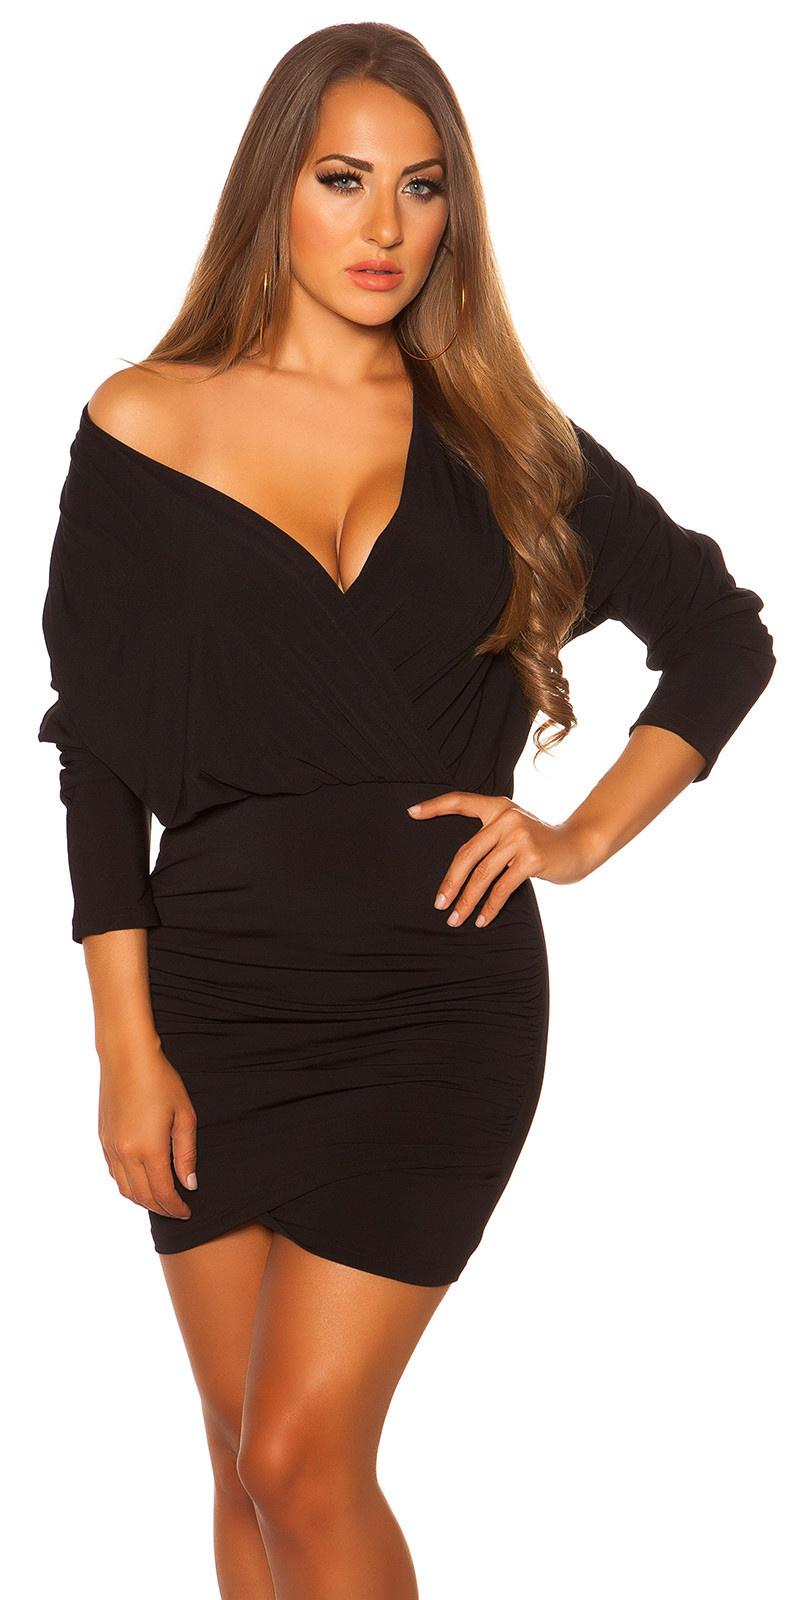 Sexy dress wrap look with low neckline Black